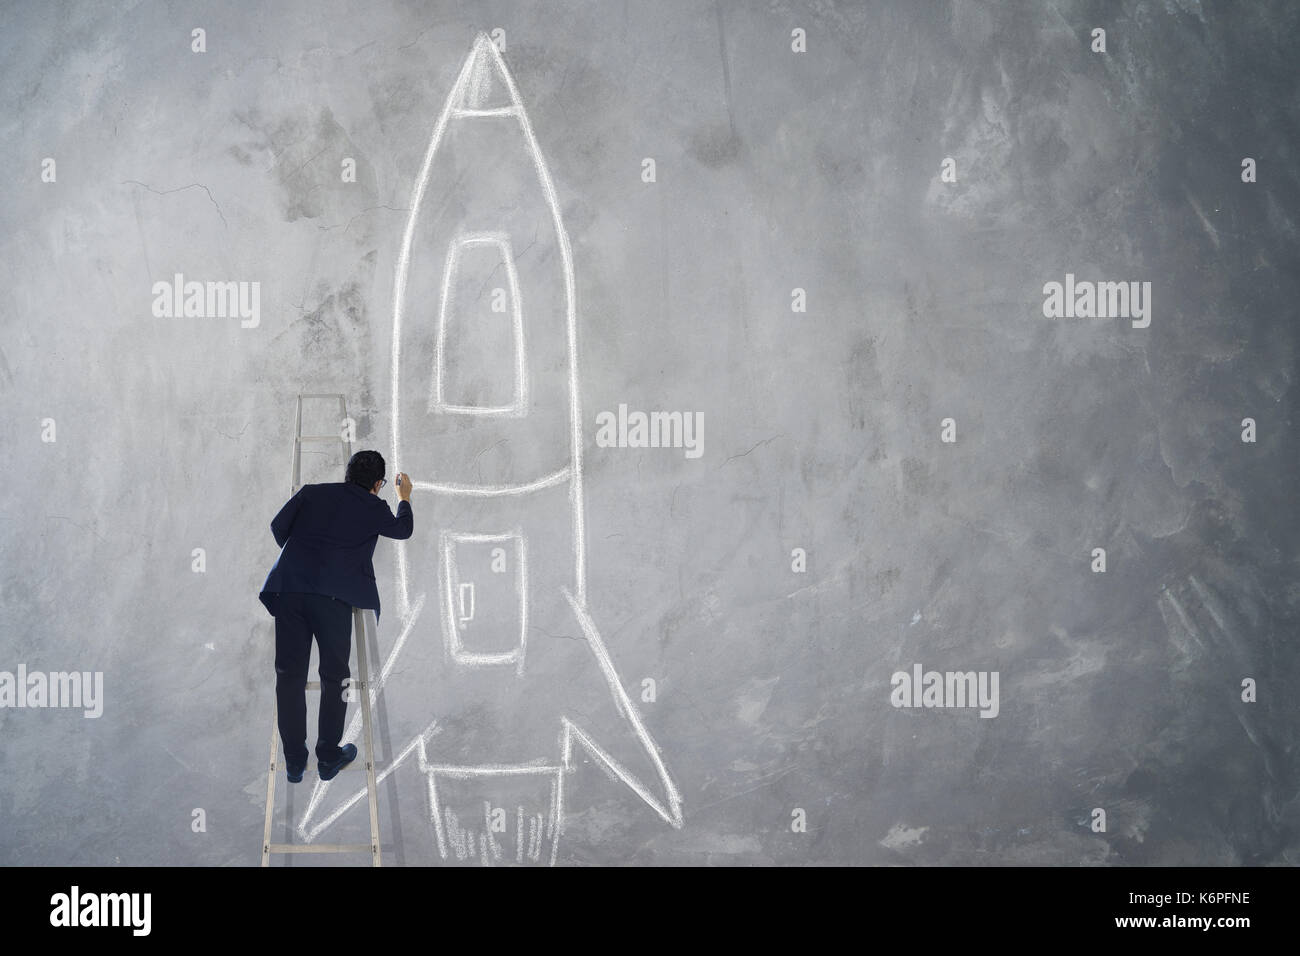 Empresario subir escaleras cohete dibujo boceto sobre la pared , el éxito, líder y ganador concepto . Imagen De Stock